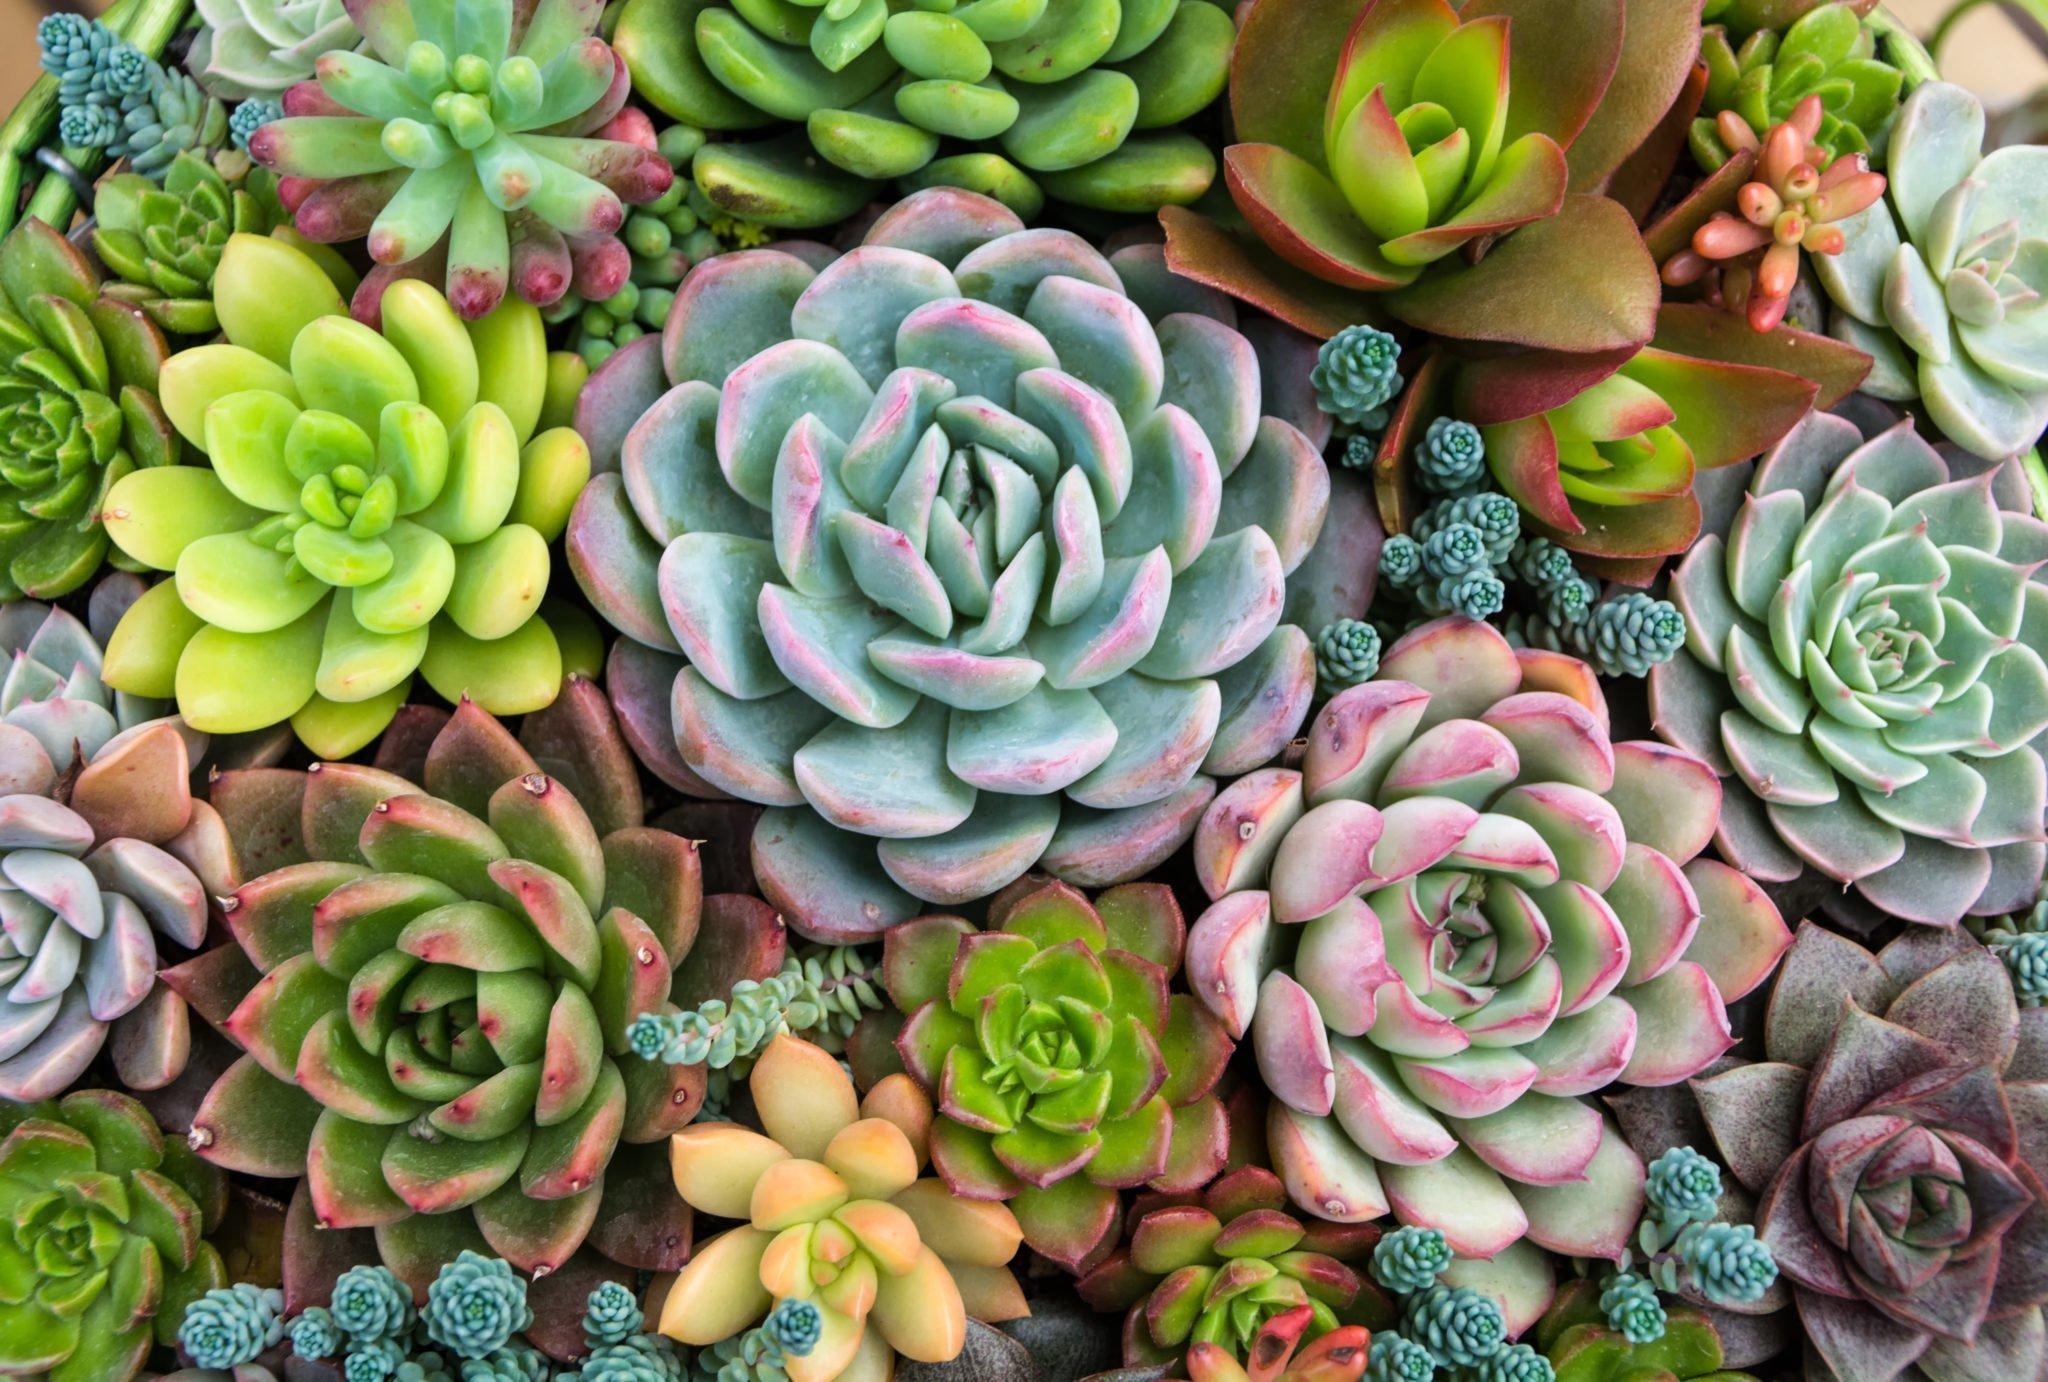 Comment Faire Un Terrarium Plante Grasse création terrarium avec plantes grasses et graviers décoratifs